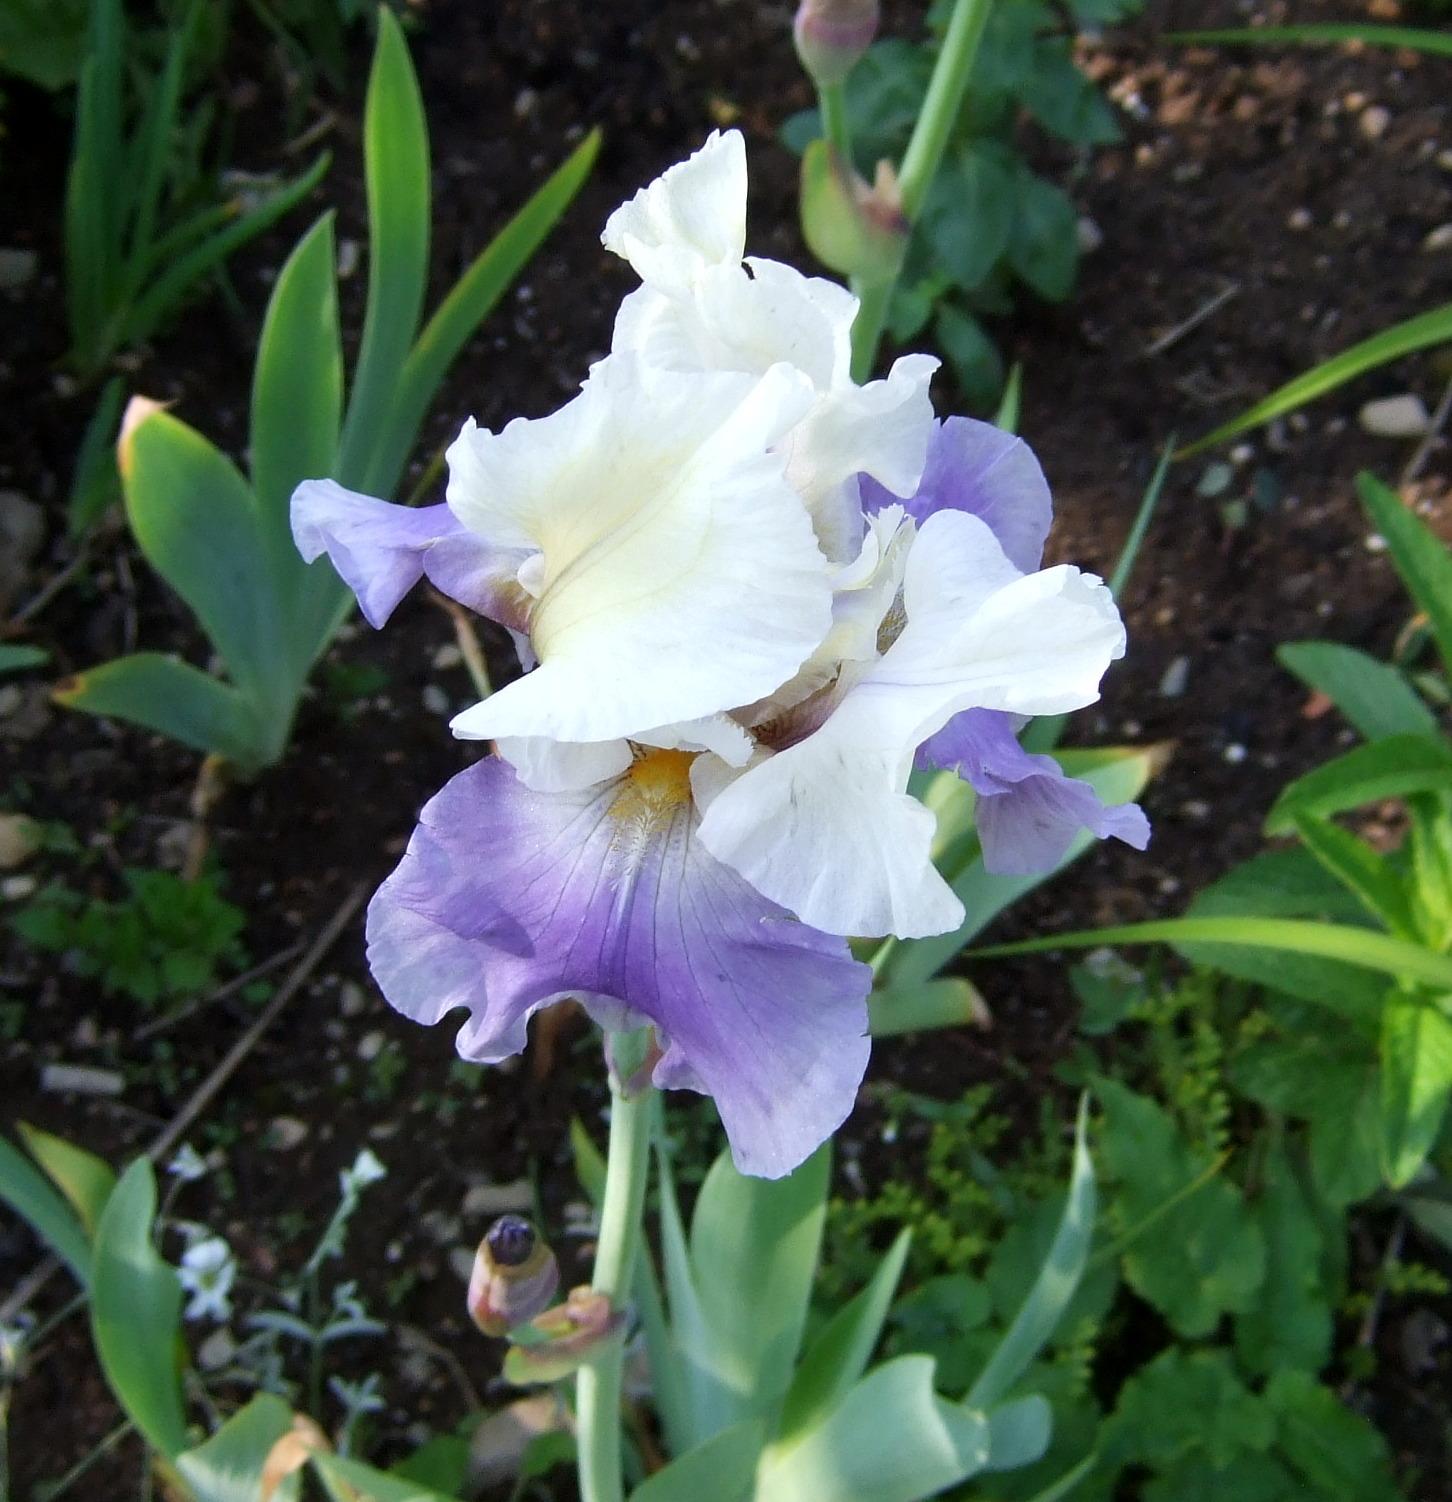 Chester garden club we focus on growing gardens and gardeners in 20110619gardenrecordef0016 izmirmasajfo